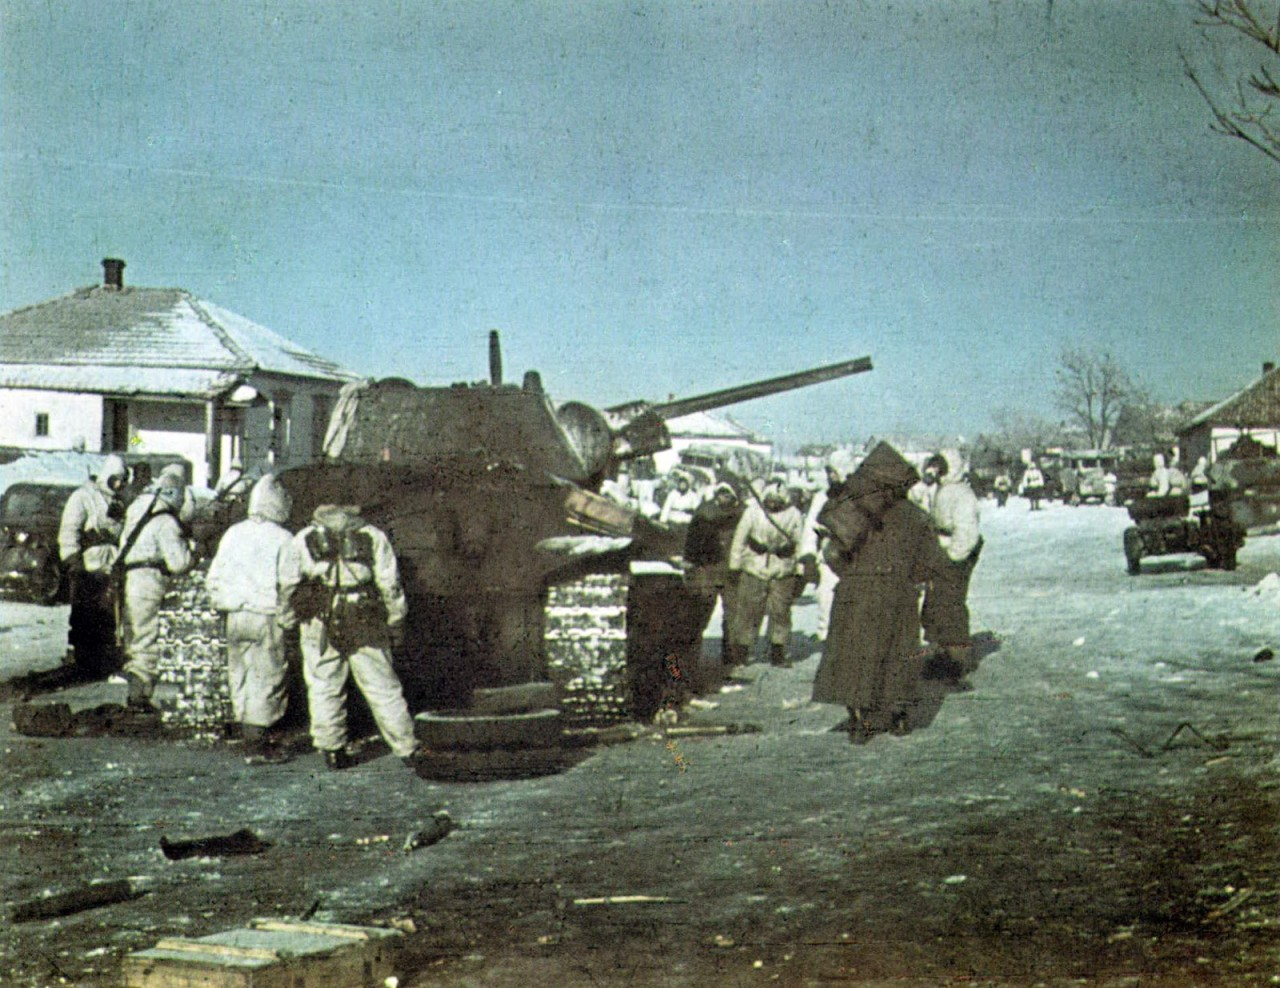 пугачев сарат обл во время второй мировой фото остров ярославль